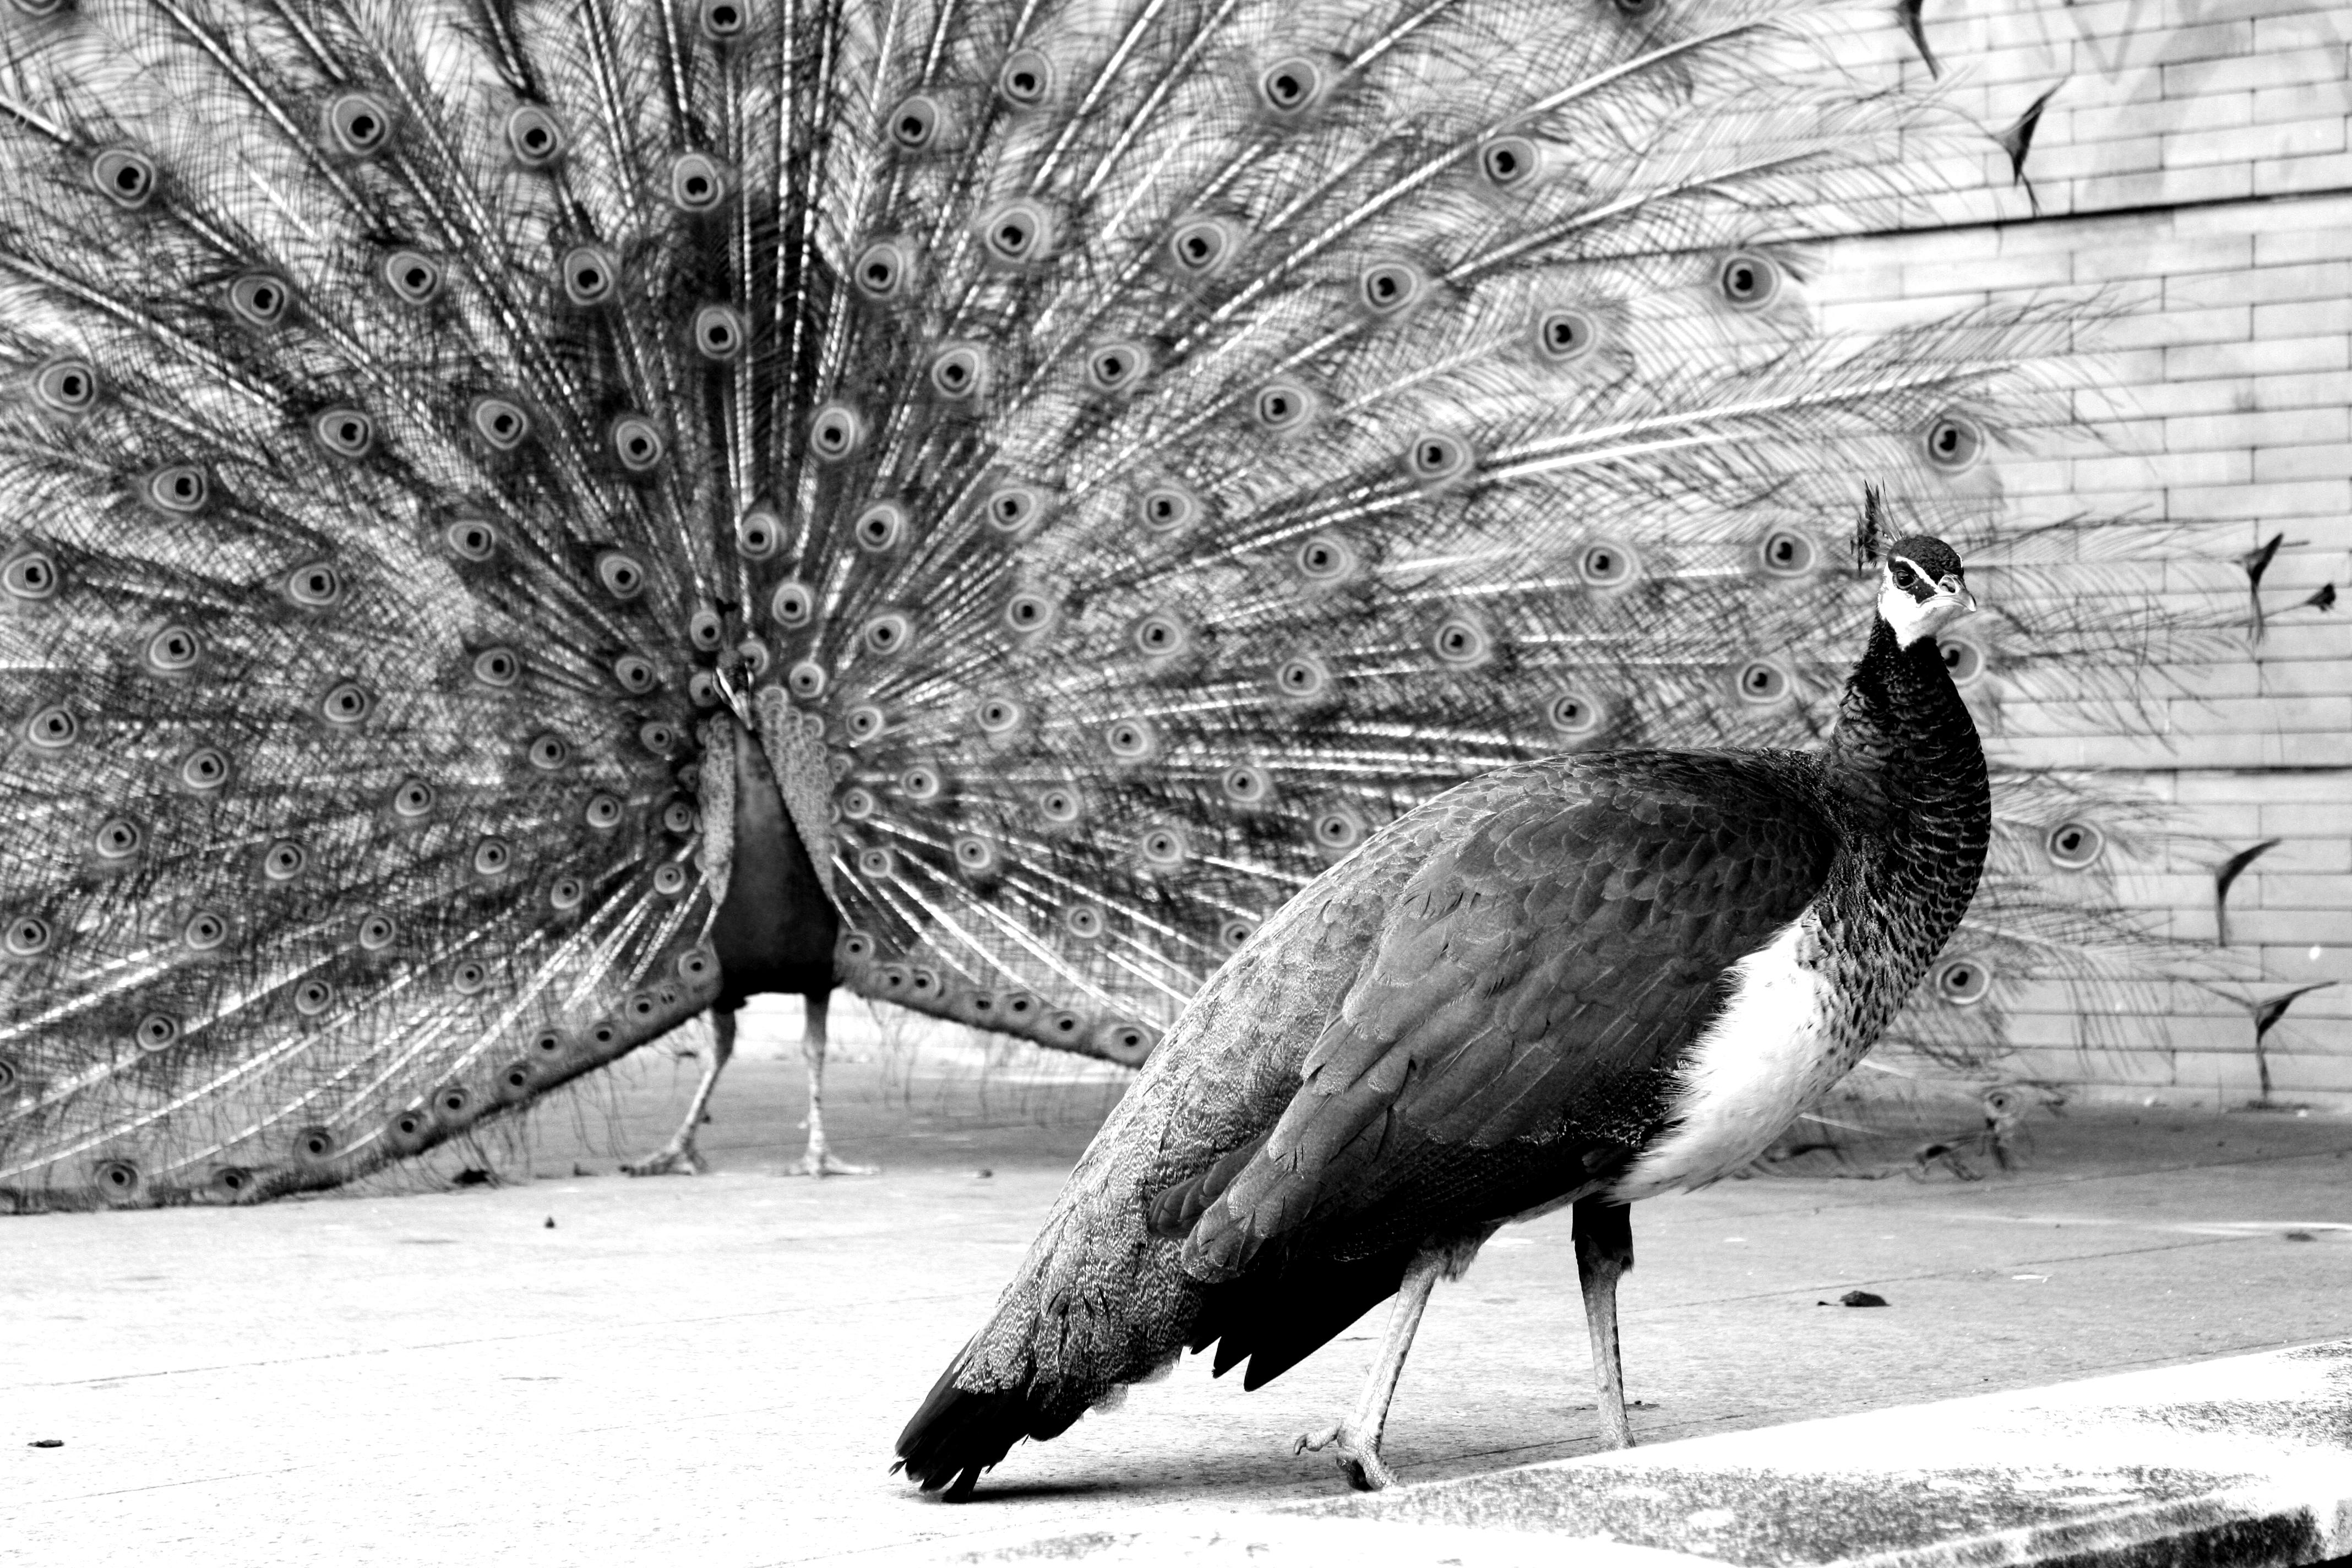 「孔雀の求愛行動 フリー素材」の画像検索結果